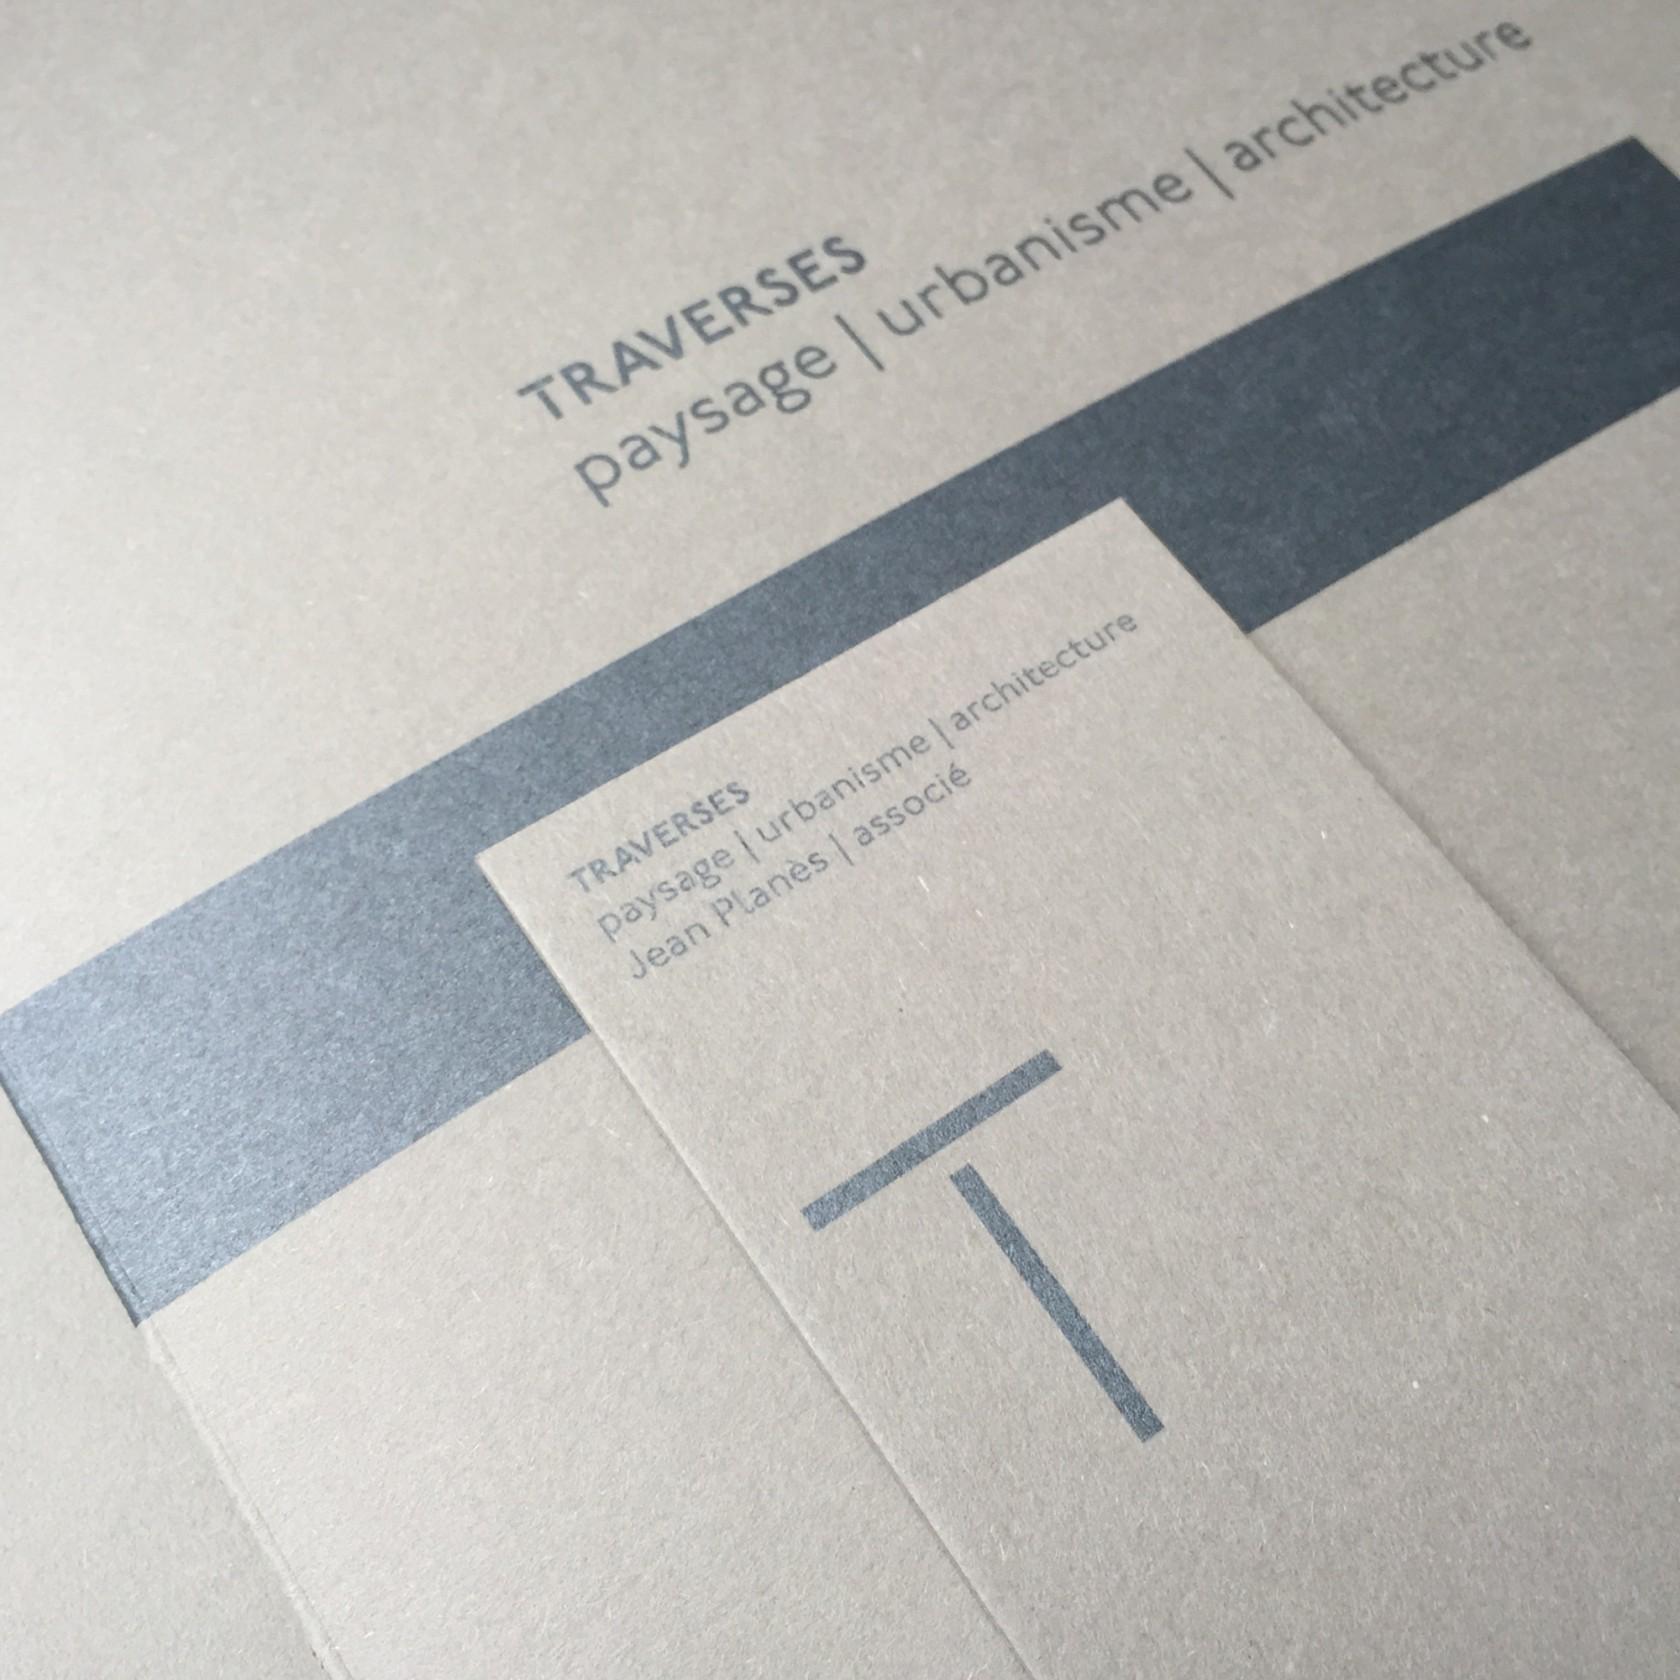 fouinzanardi -  fz_identity_traverses